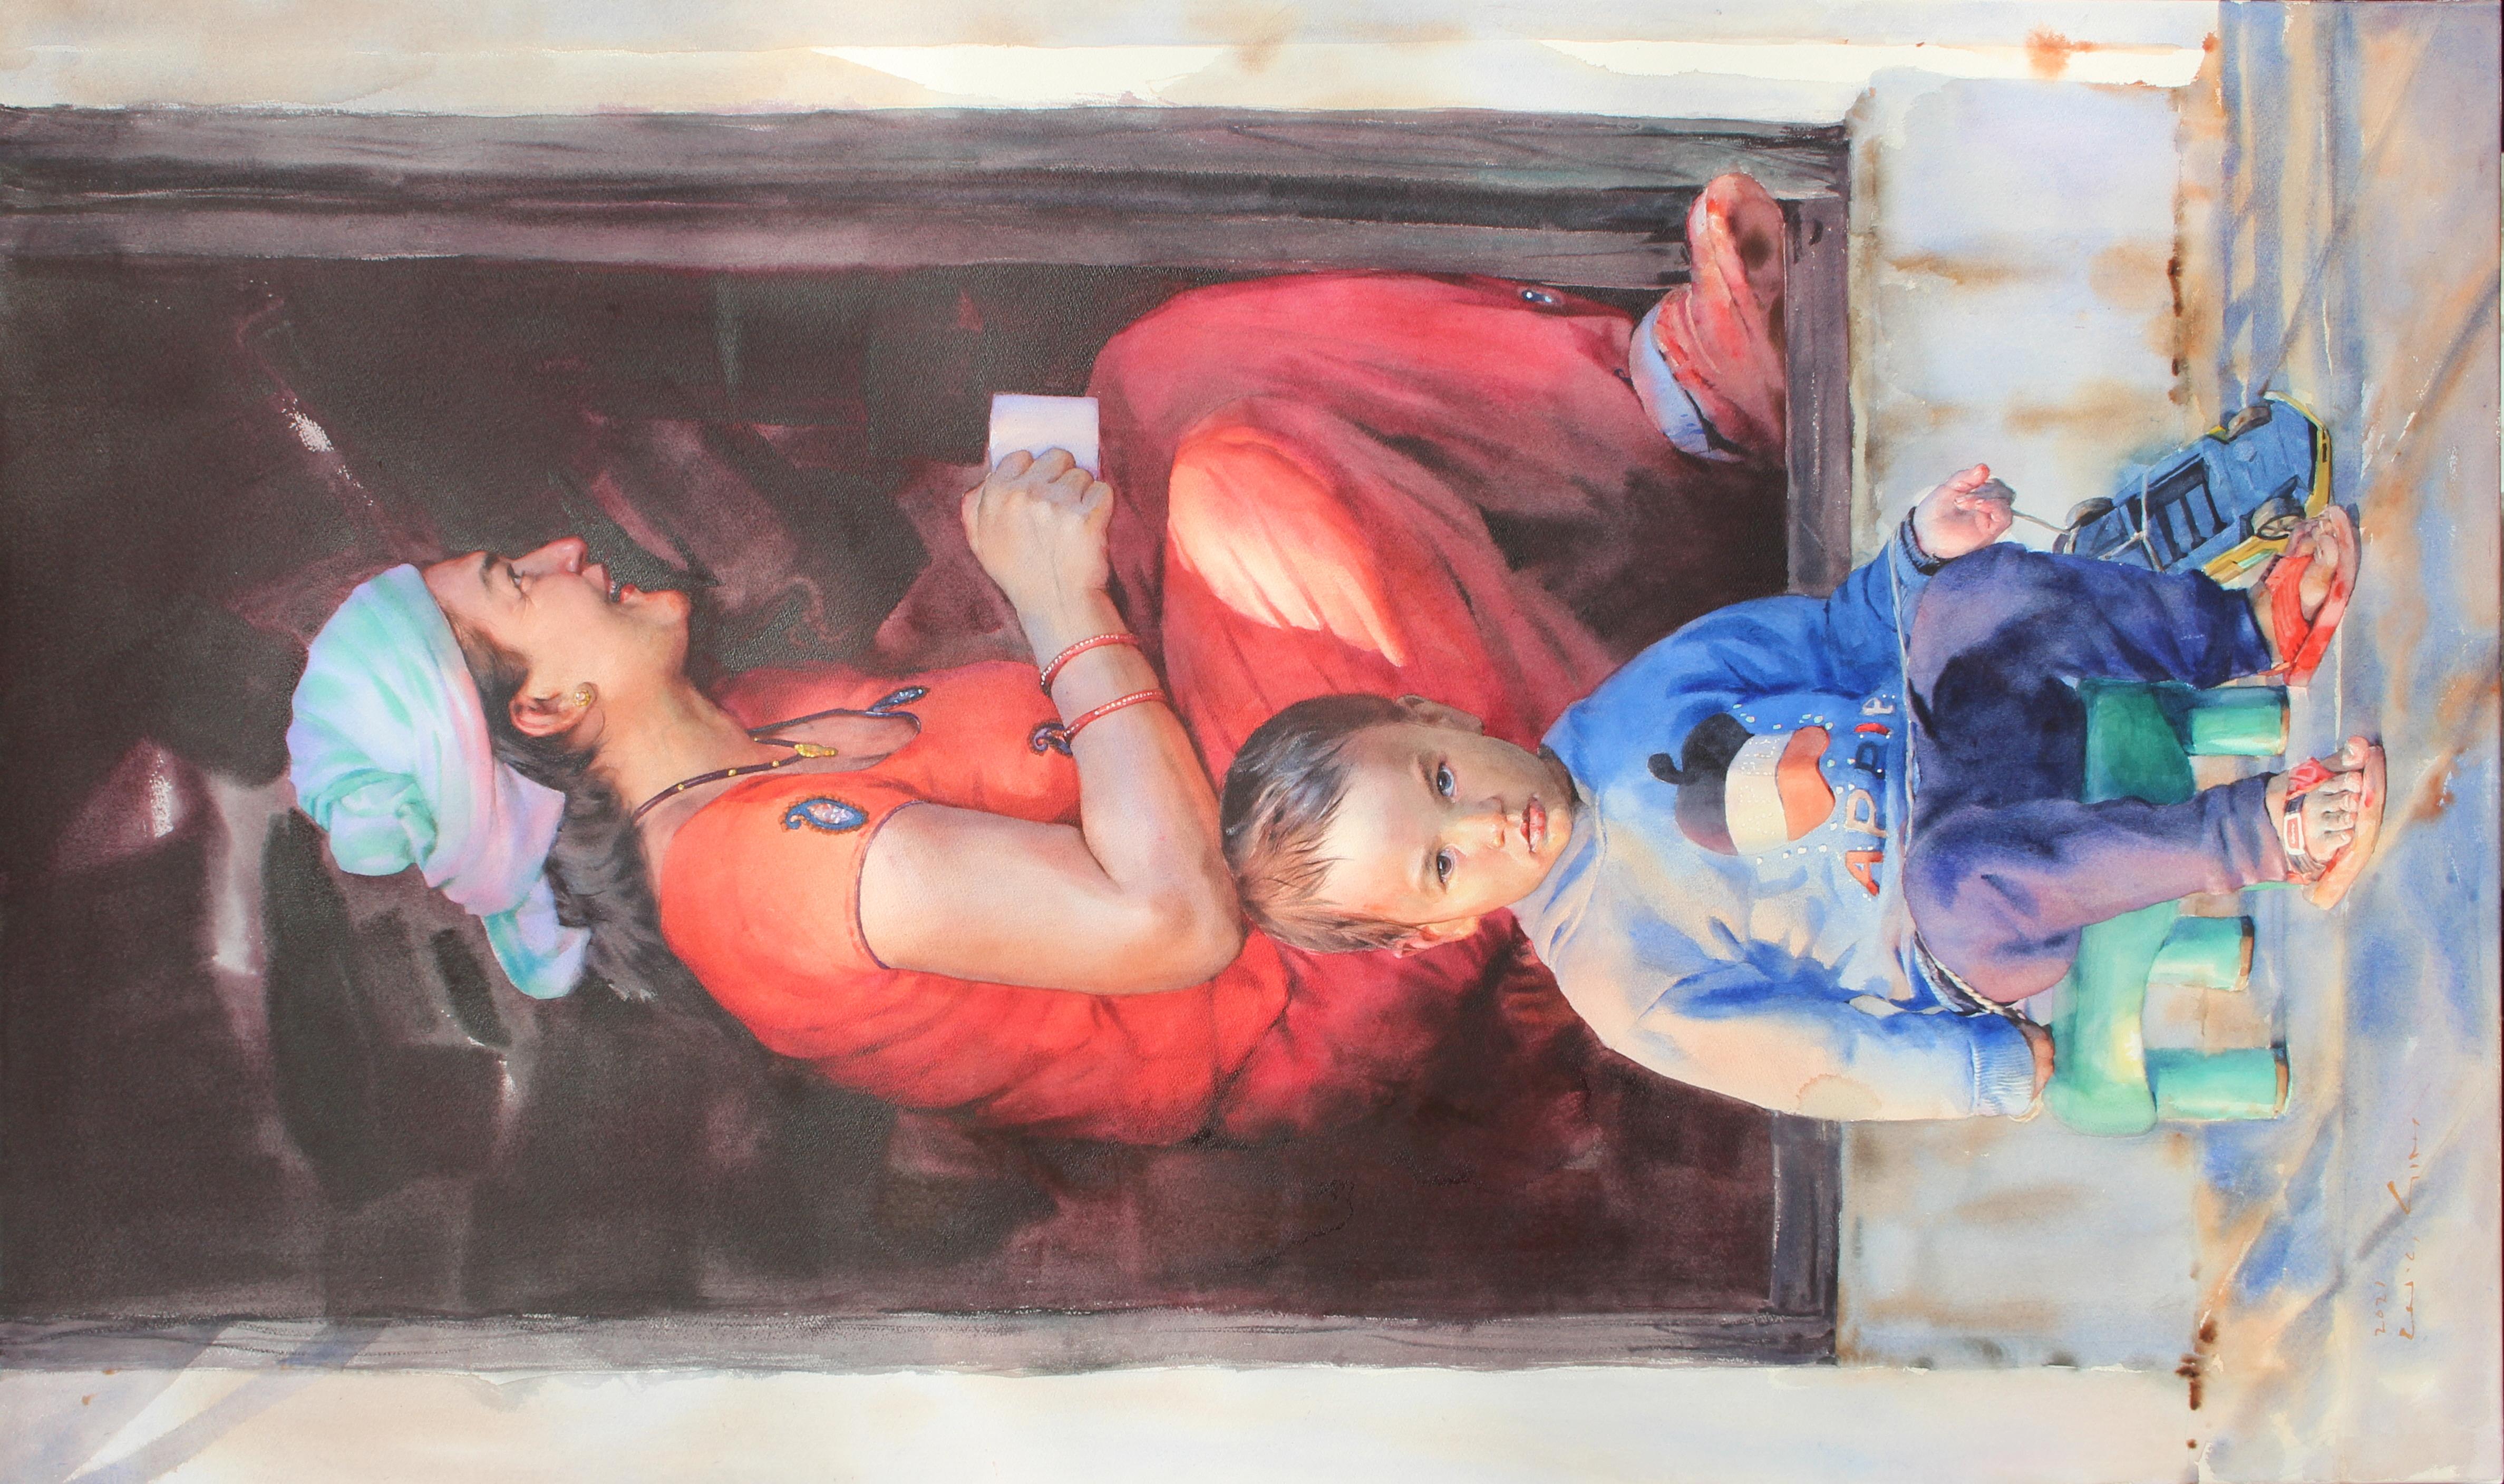 011, 심우채, 삶-여백2101, 162.2 x 97